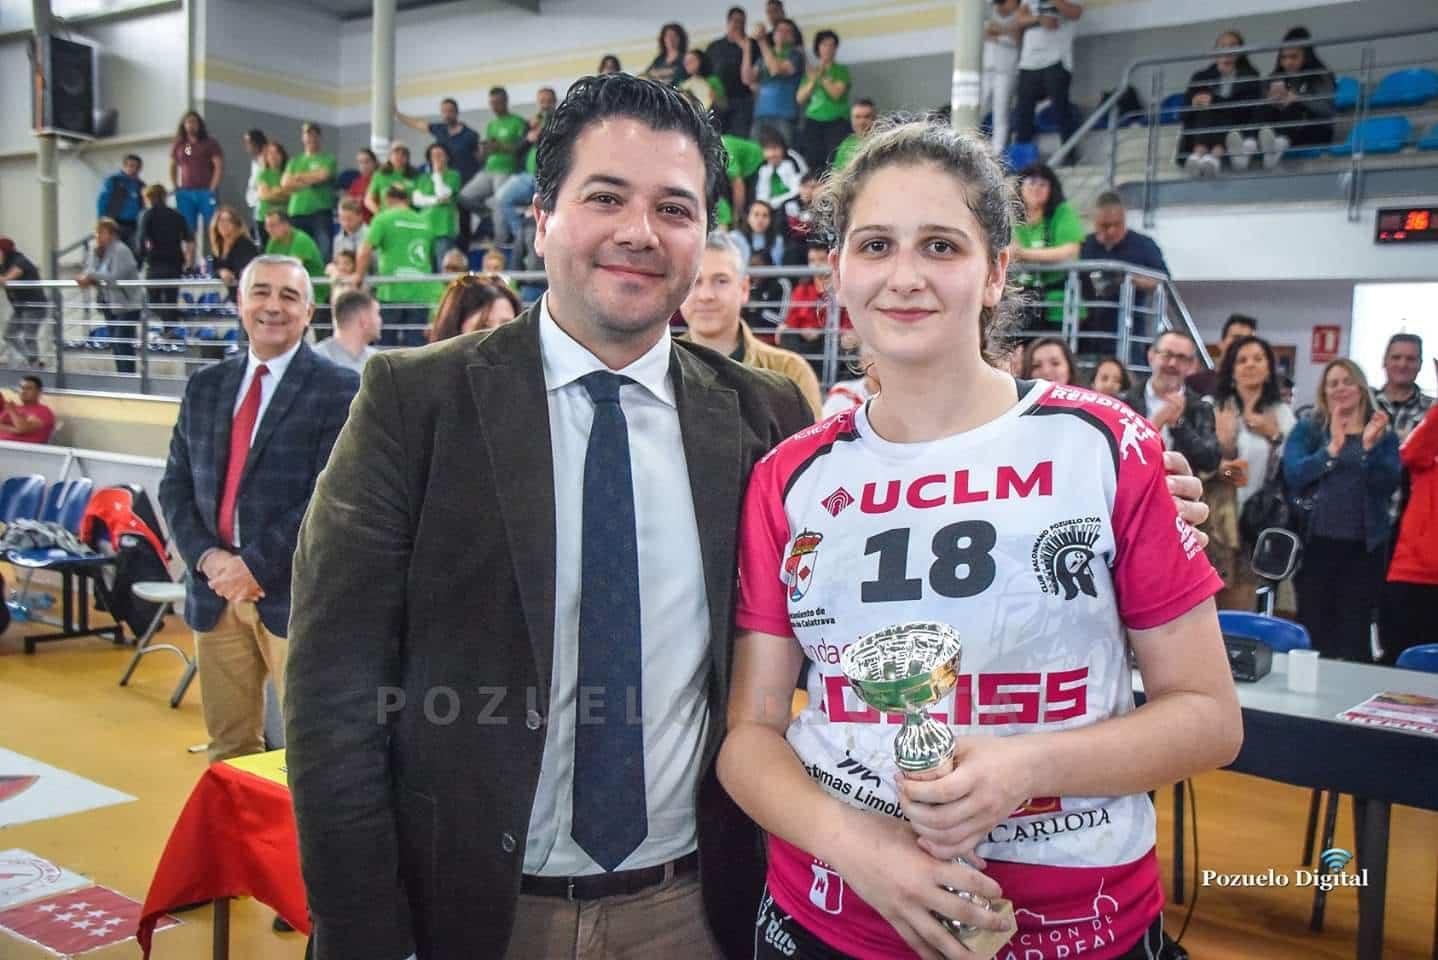 balonmano pozuelo digital5 - María Mercedes Ramírez del Pozo Mora mejor defensa del Sector Nacional Juvenil Femenino de balonmano celebrado en Pozuelo